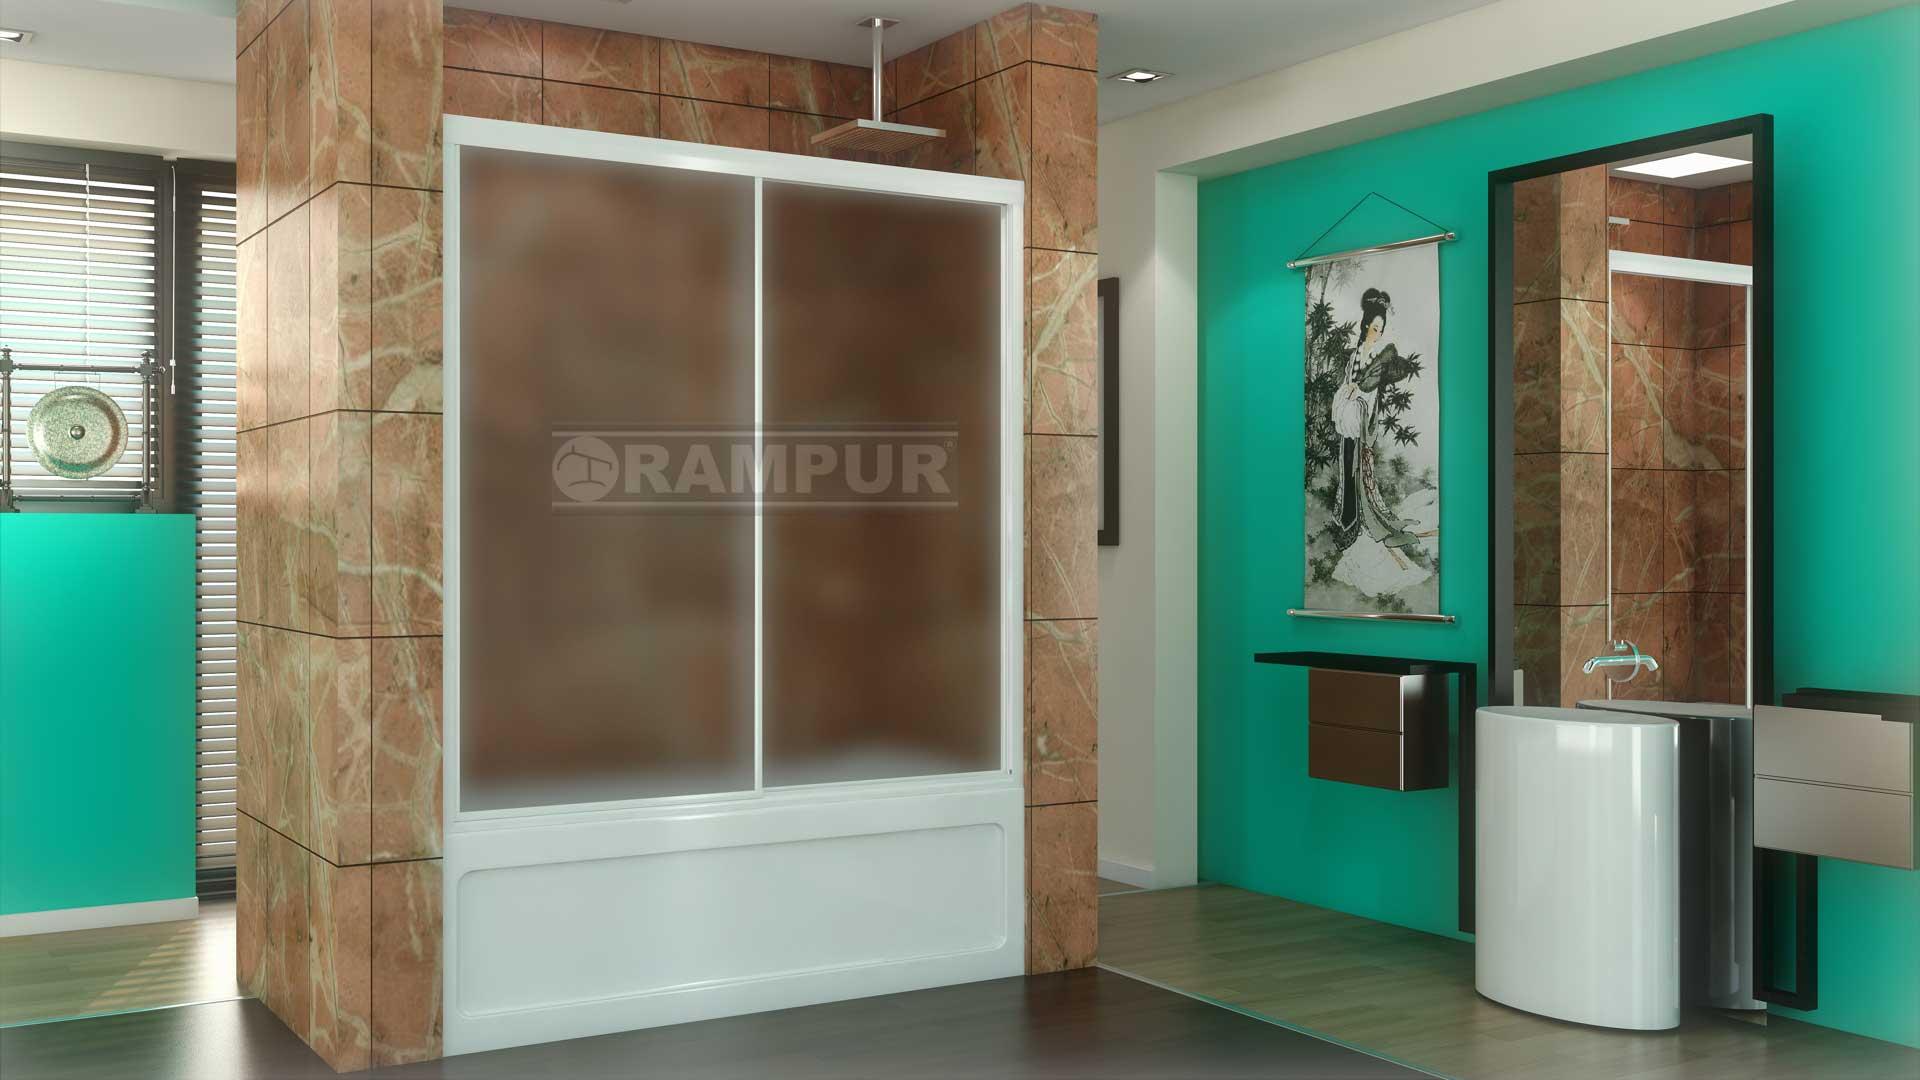 Mamparas Para Baño Acrilico:Mampara Para Baño Con 2 Hojas – Acrílico – Aconcagua Premium